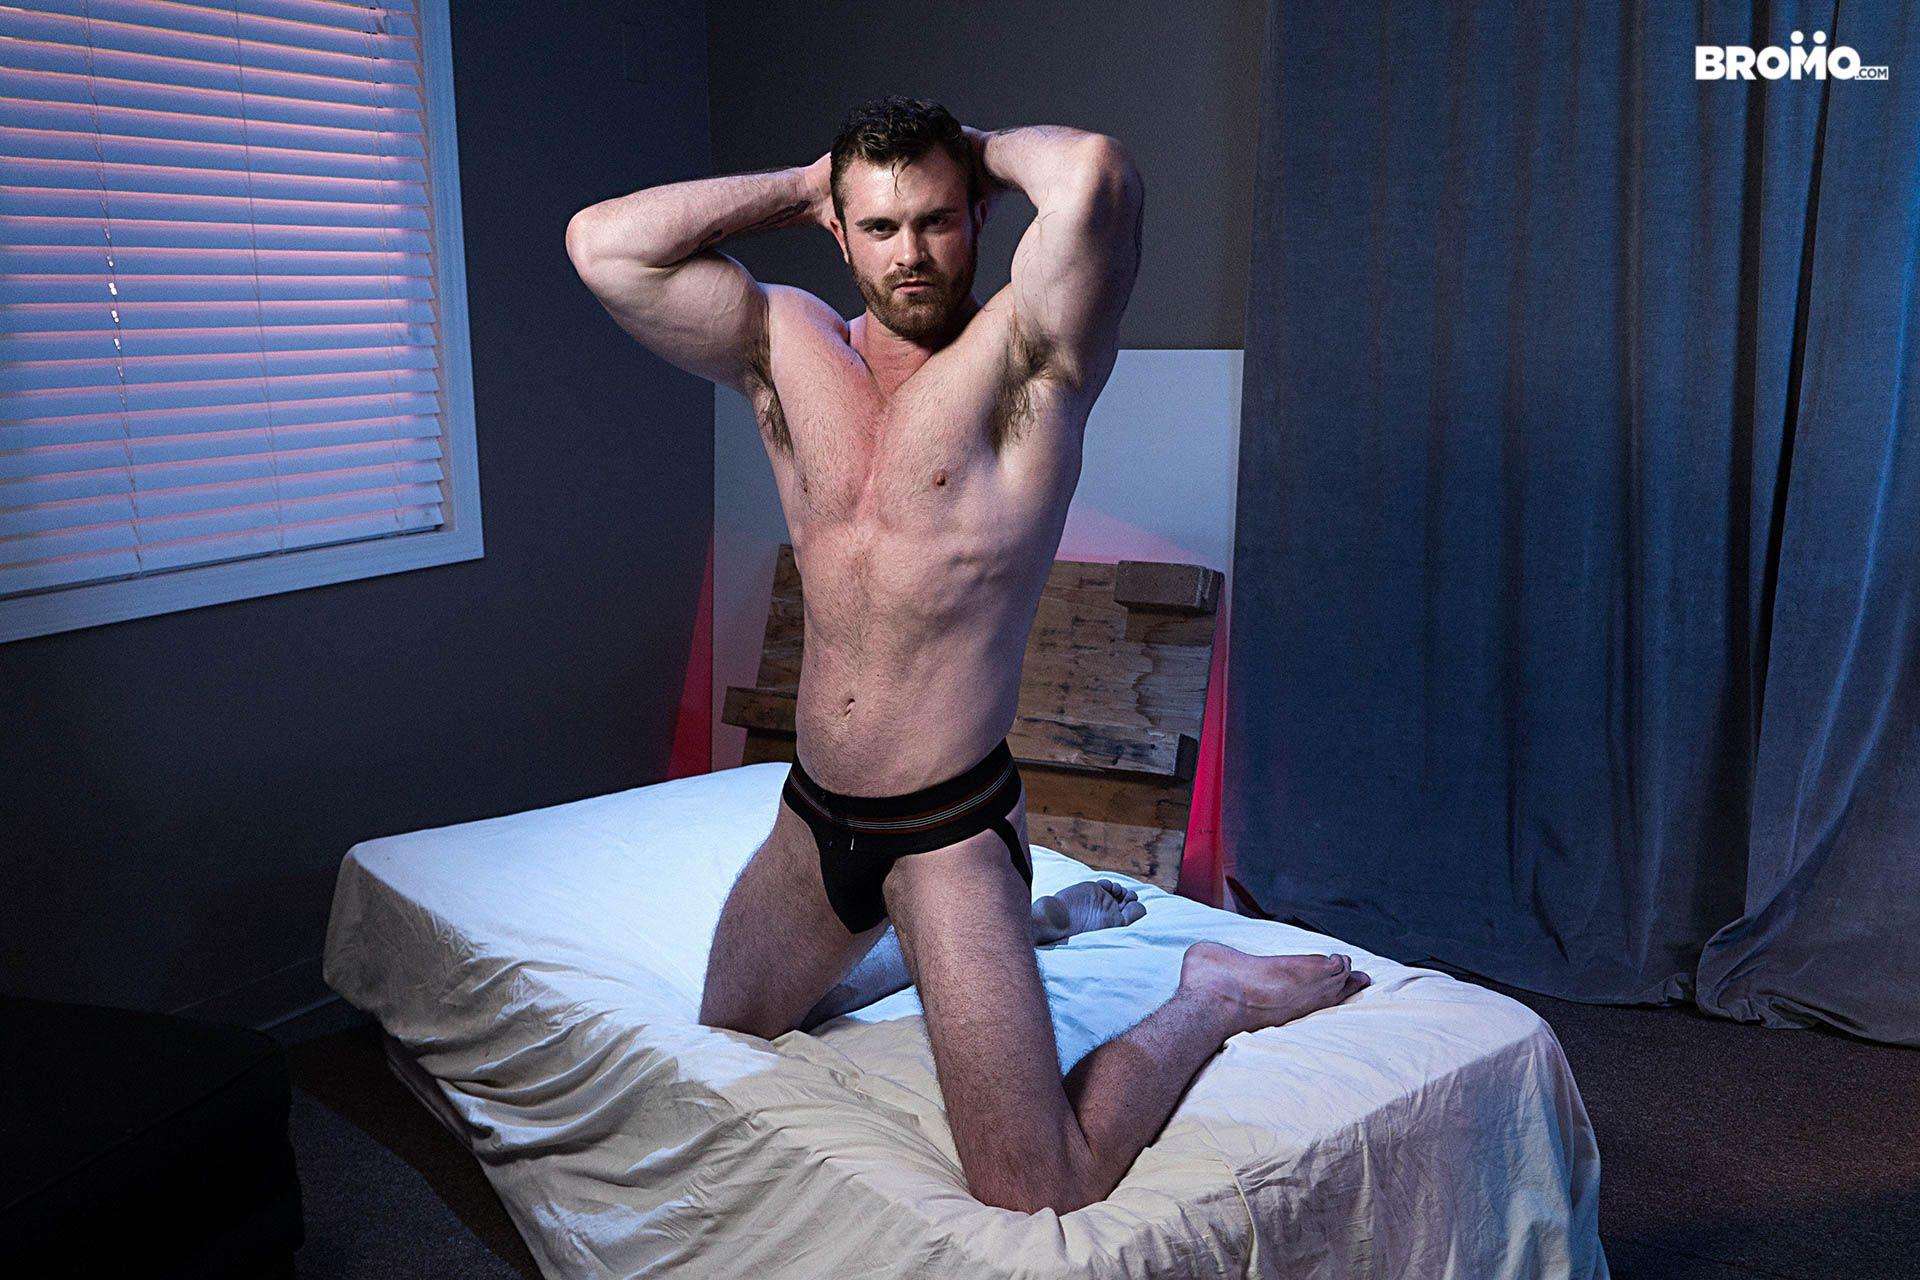 Resultado de imagem para Lorenzo Flexx with Scott Ambrose bdsm porn